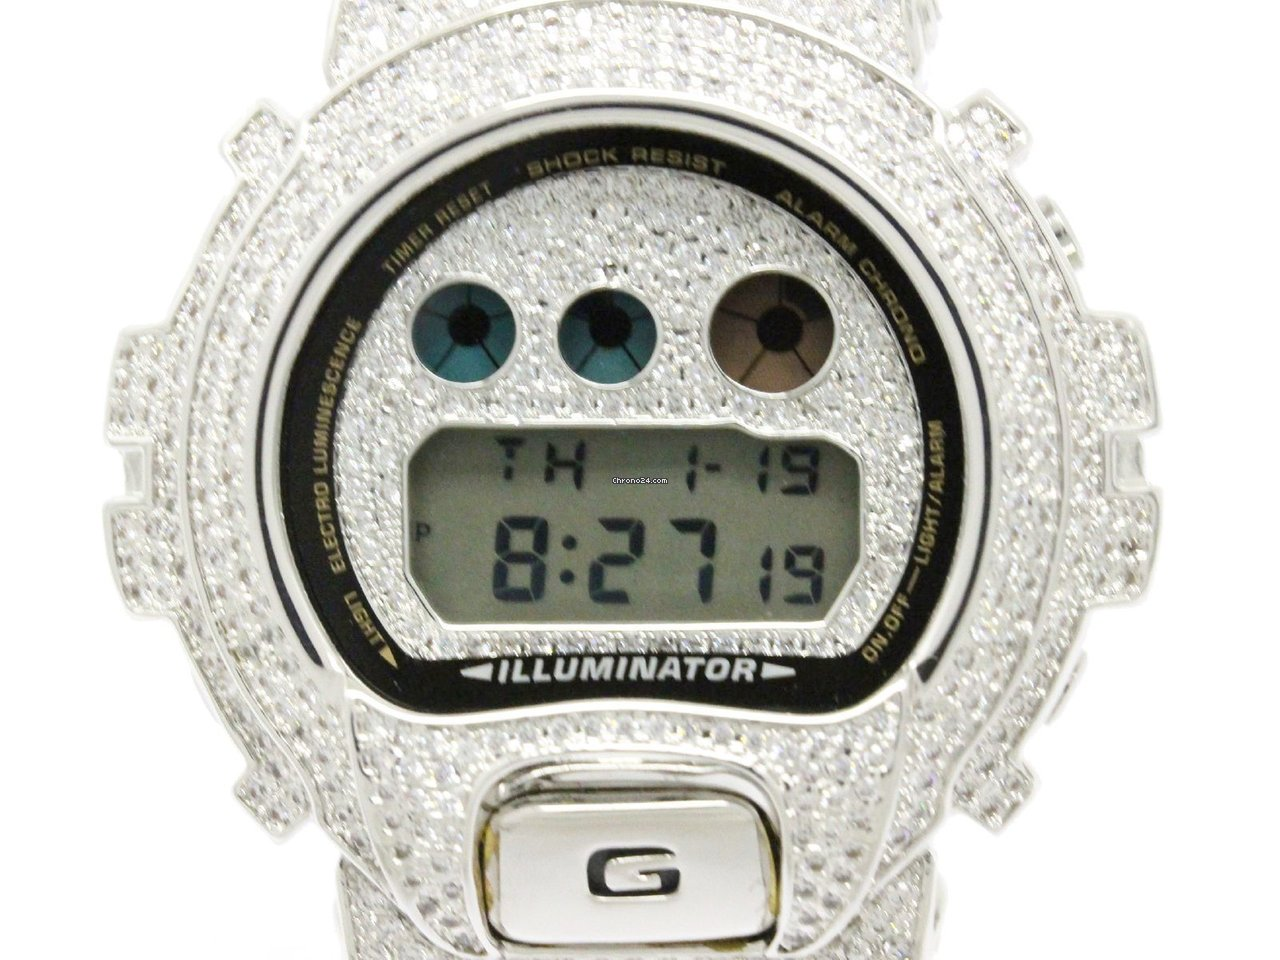 Casio G Shock Custom Zirconia Steel Quartz Mens Watch Dw6900 Fr 342 Gst 200cp 2a Kaufen Von Einem Trusted Seller Auf Chrono24